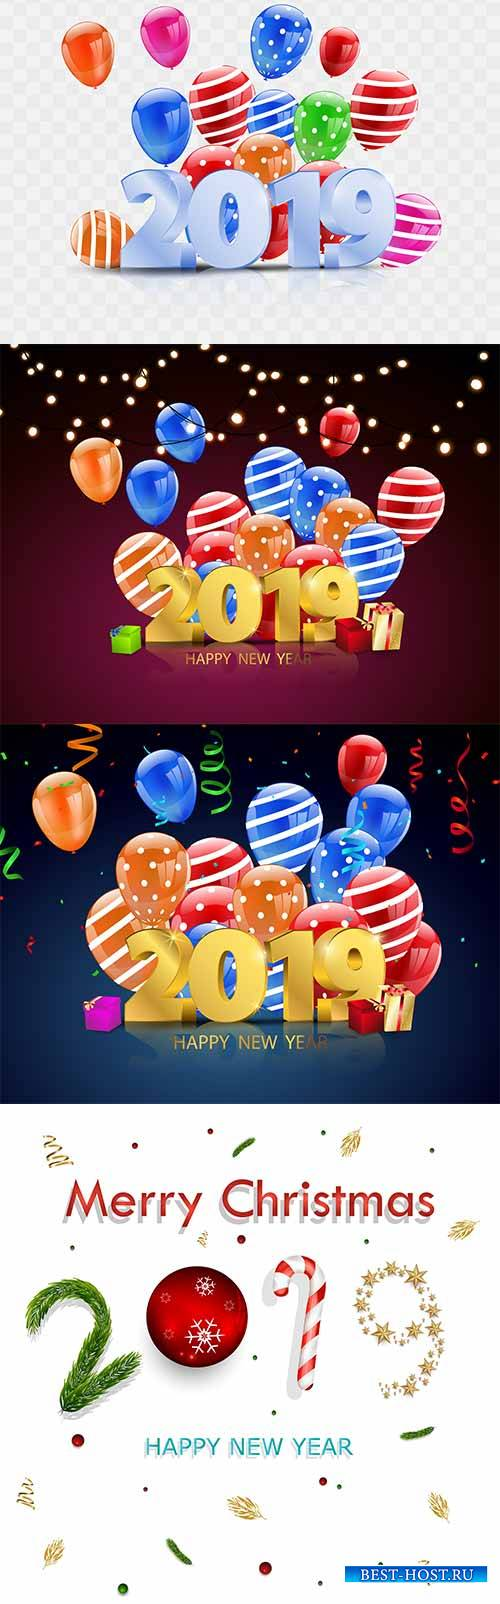 Новый Год - 2019 - Векторный клипарт / New Year - 2019 - Vector Graphics